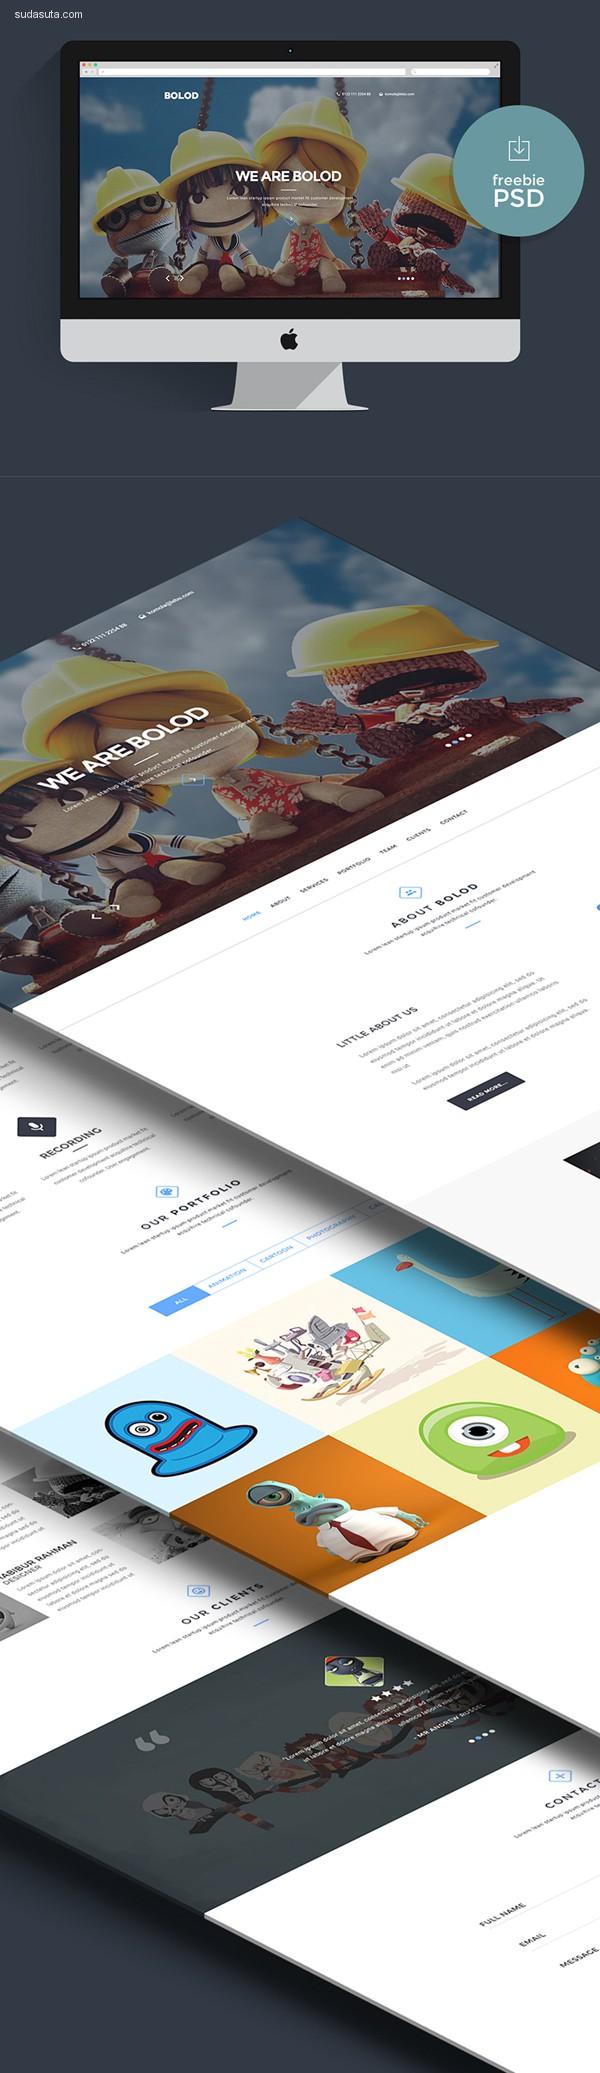 26个最新的UI设计PSD源文件